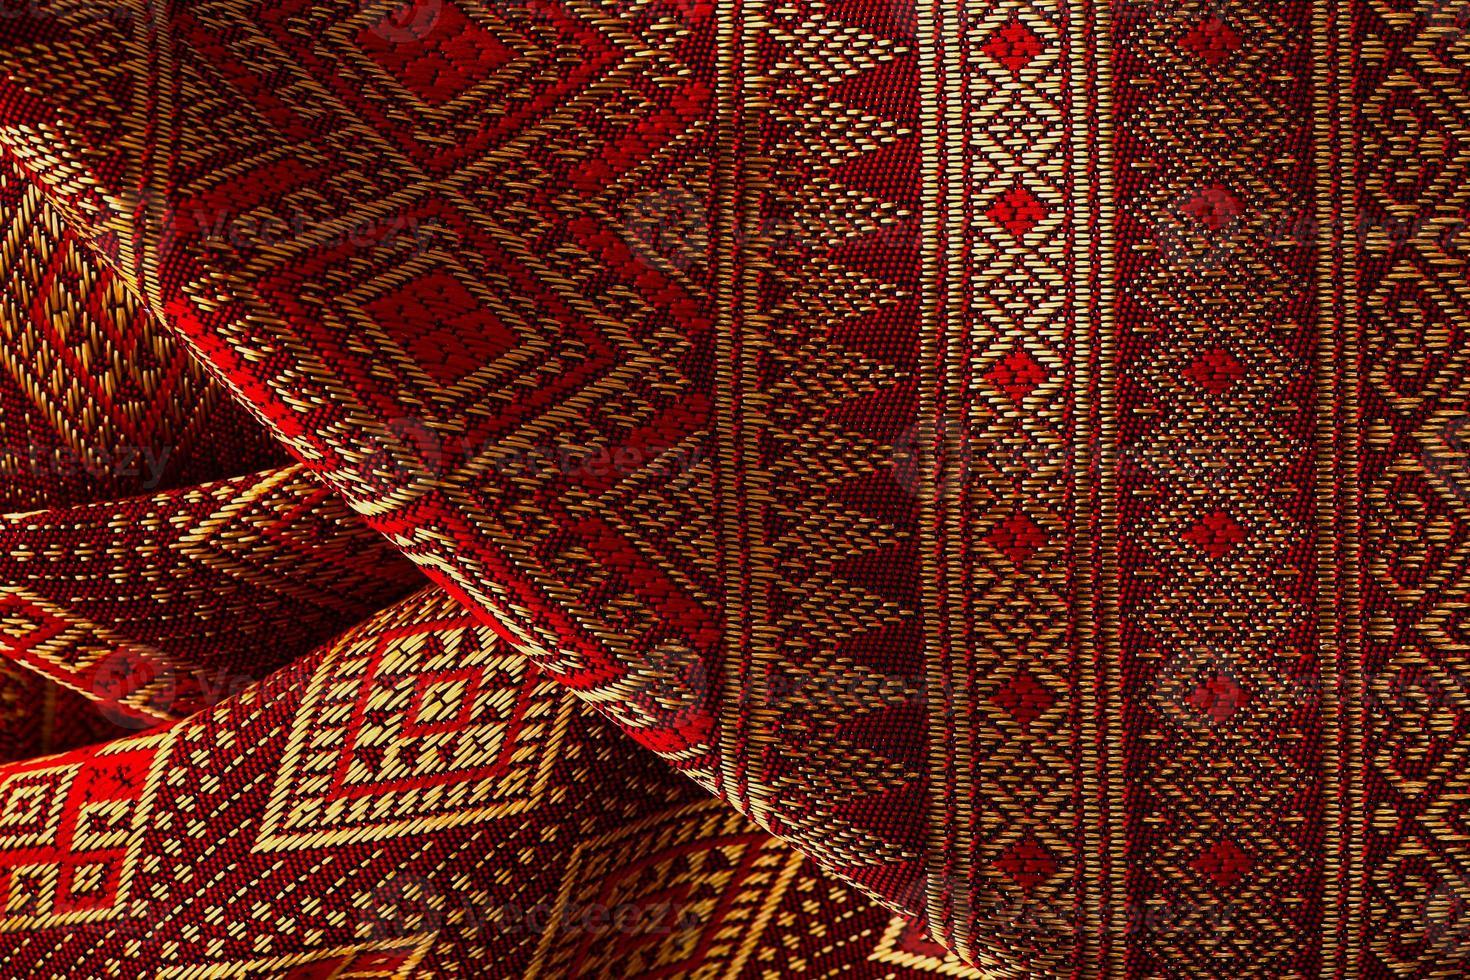 Antique Asian textile photo